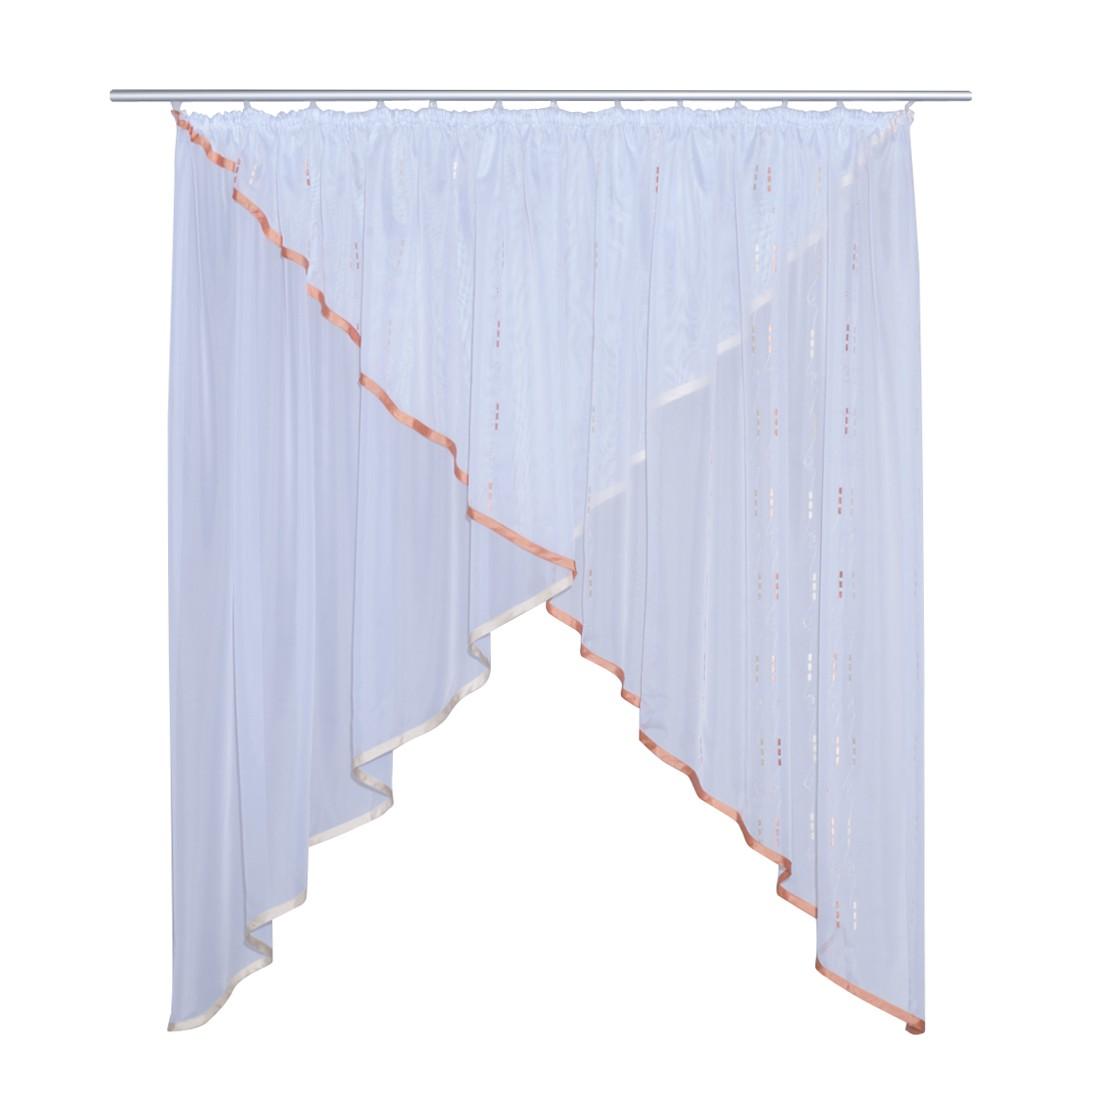 Kuvertgardine LINEA Terracotta-Gelb – 450 x 145 cm, Home24Deko günstig kaufen